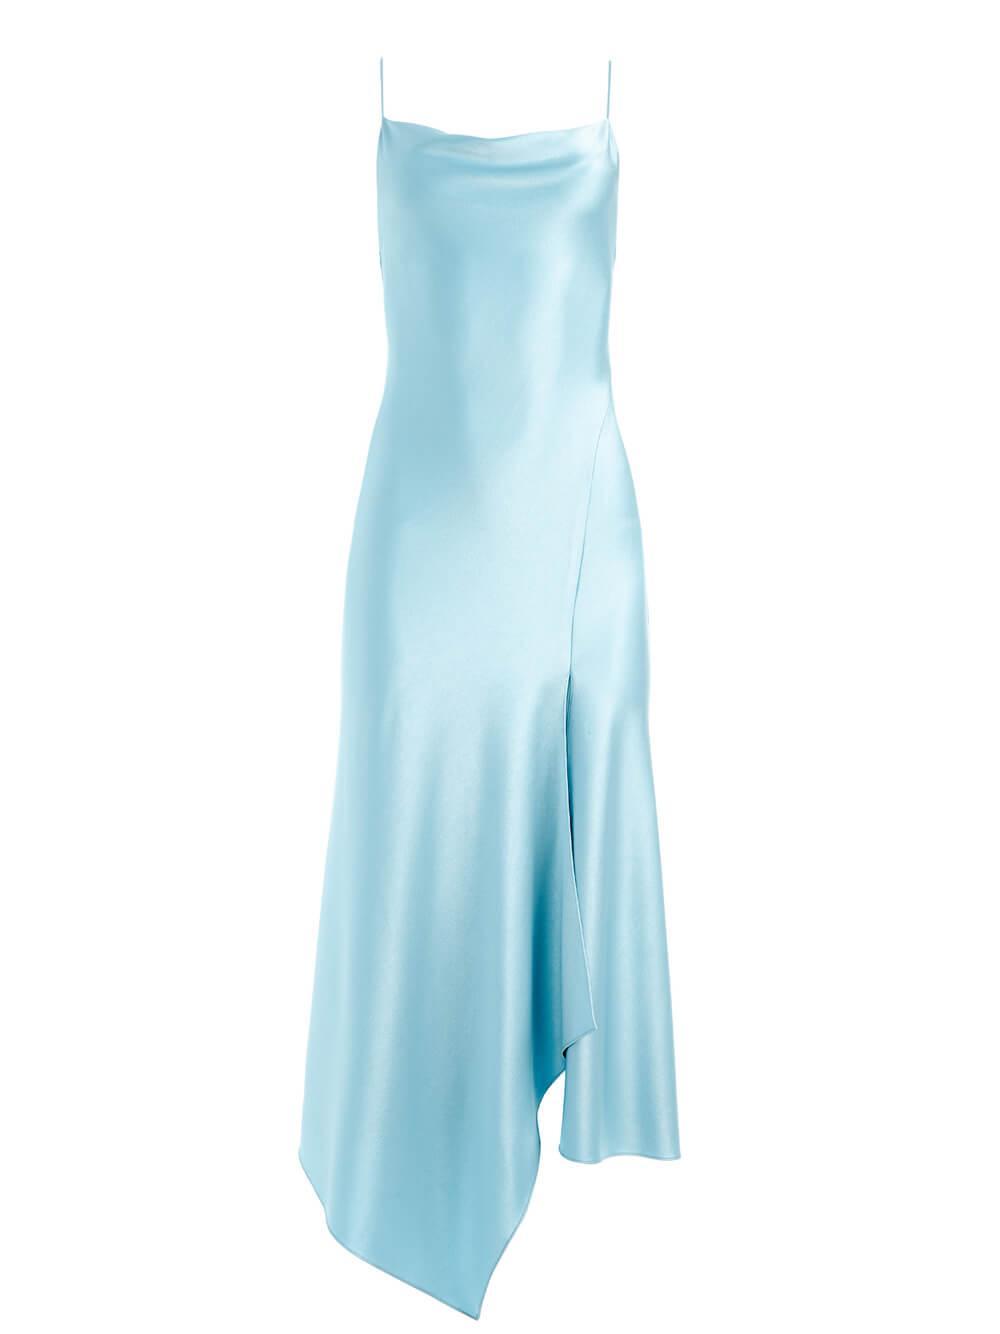 Harmony Midi Dress